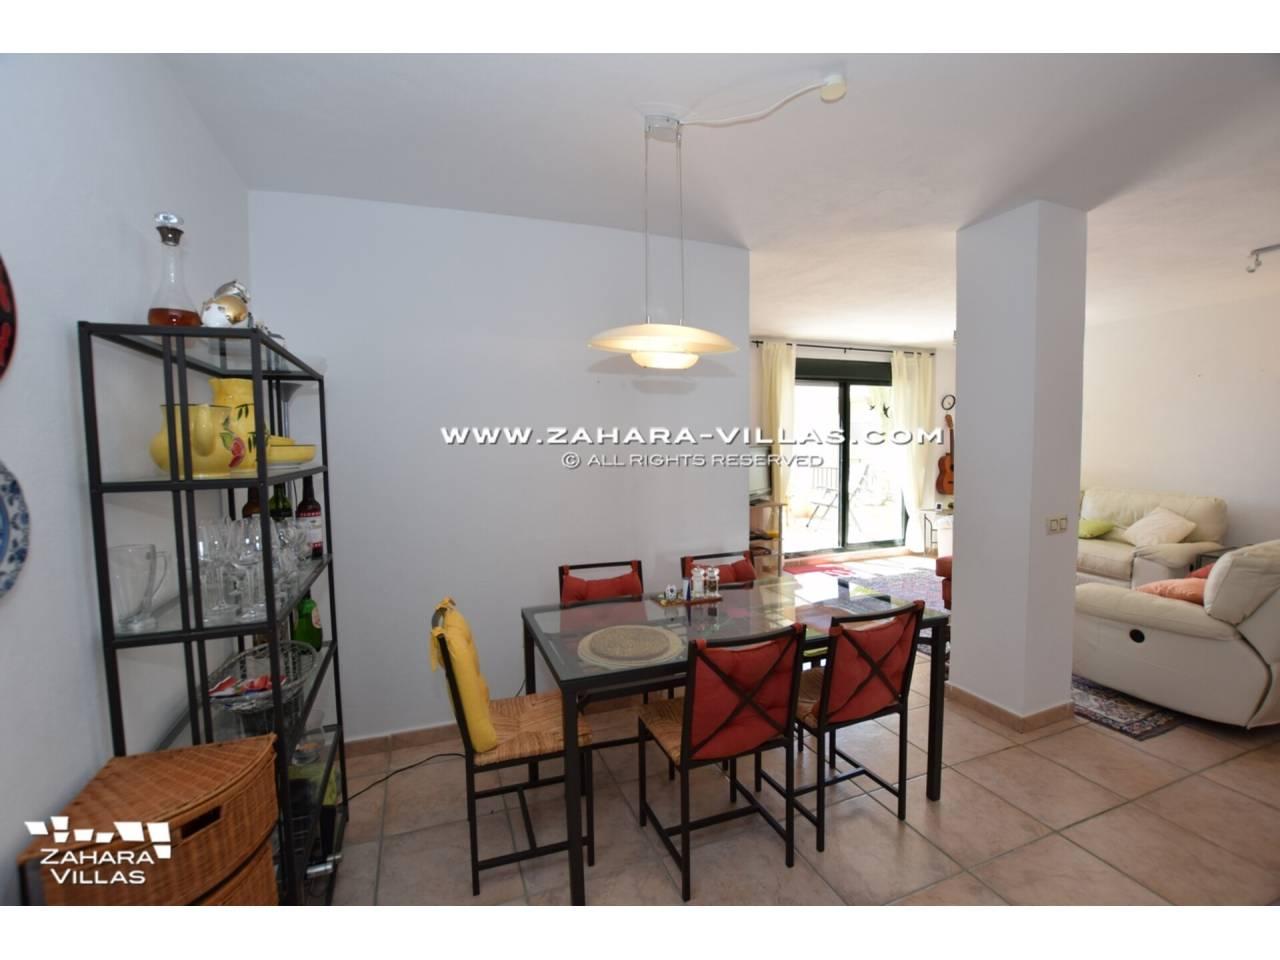 Imagen 8 de Penthouse apartment for sale in Zahara de los Atunes